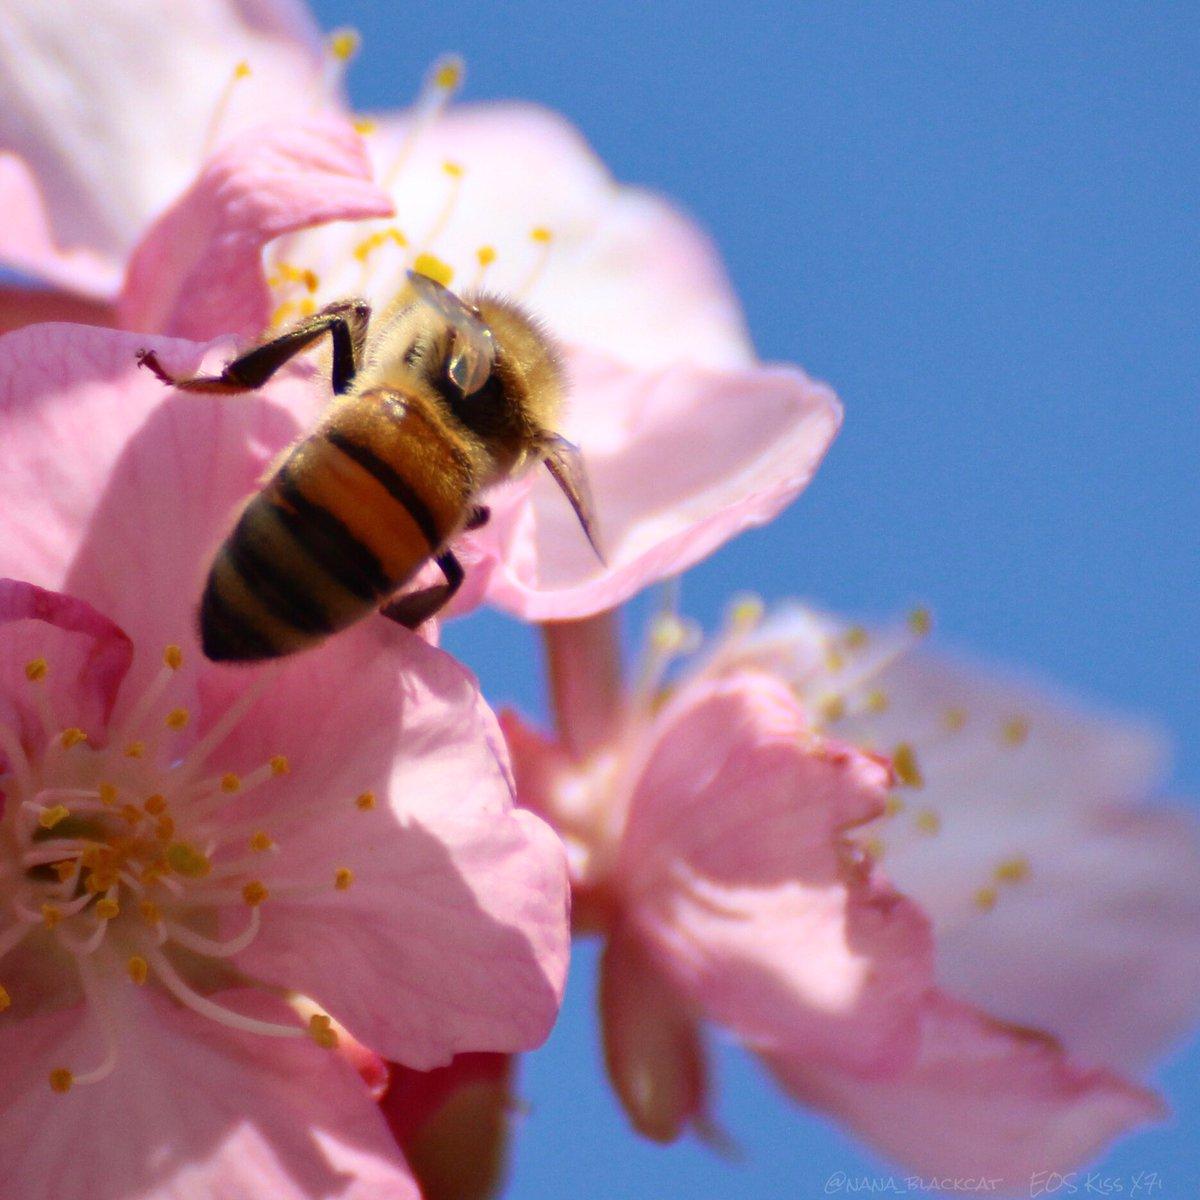 今日は3月8日、 #蜜蜂の日 だそうです🐝🐝🐝  #写真好きな人と繫がりたい   #しんやとよーへい #NAGASE写真教室 #河津桜 #蜜蜂 #利根河川敷  #photography #photo  #PhotoOfTheDay  #KawazuCherryBlossoms #HoneyBee